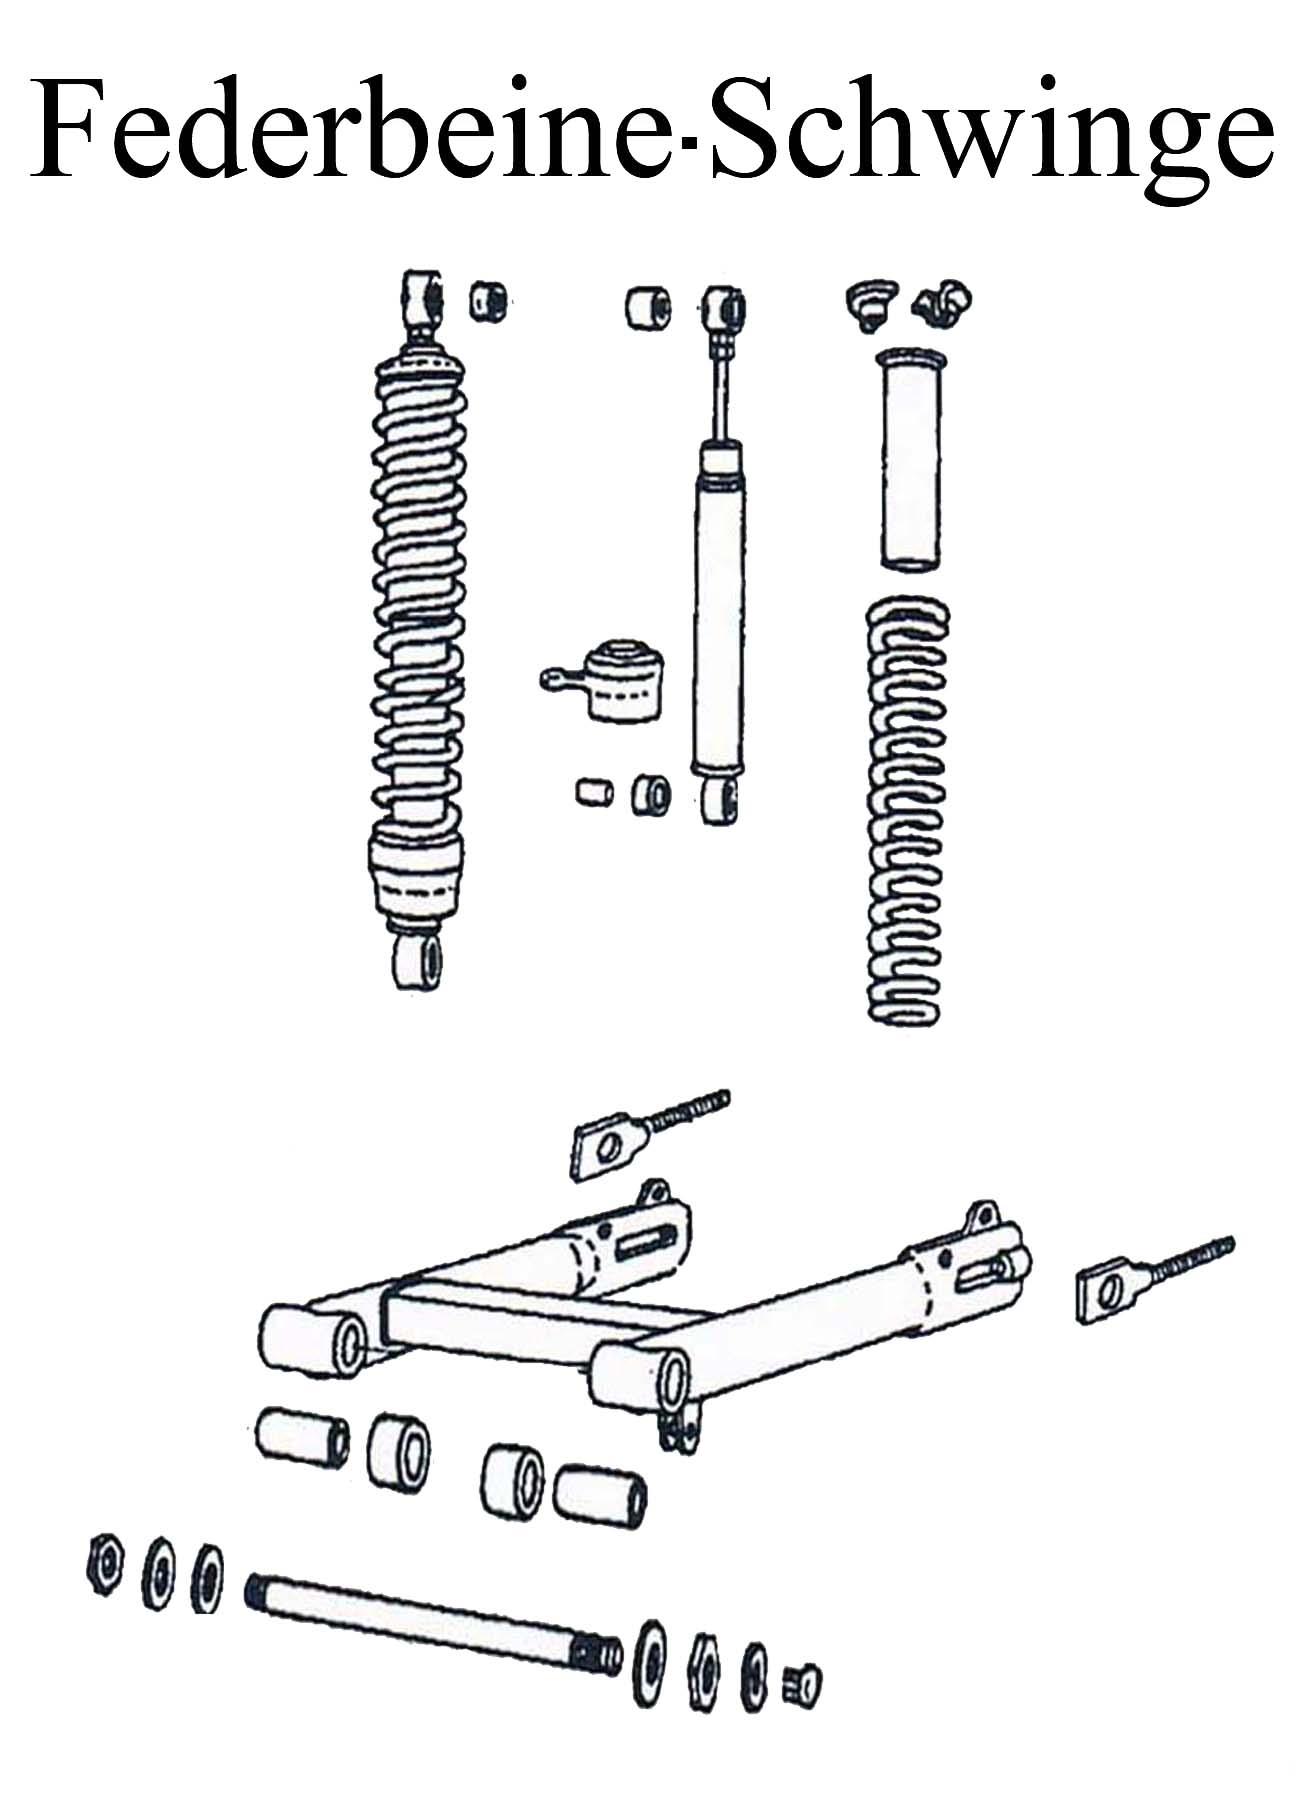 DDR-Motorrad MZ ETZ 125-150 Ersatzteileliste Hinterradfederung Federbeine Stoßdämpferelement Schwingenlagerbolzen Gummi Kettenspanner